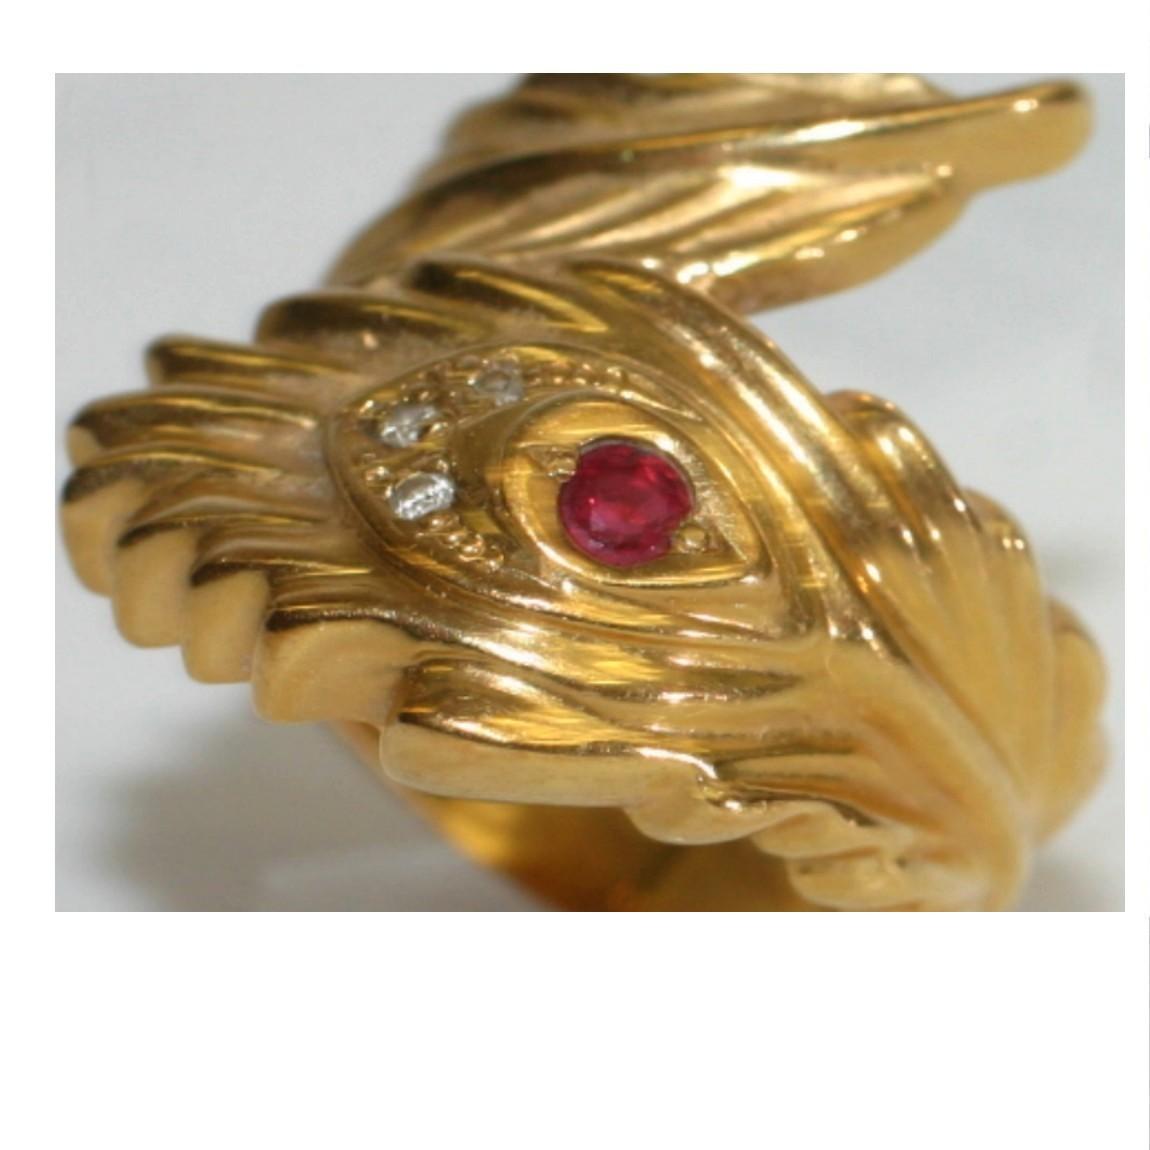 【中古】中央にルビーが埋め込まれているK18YGイエローゴールドの指輪 重さ5,3g 日本サイズ11号 20200422-4